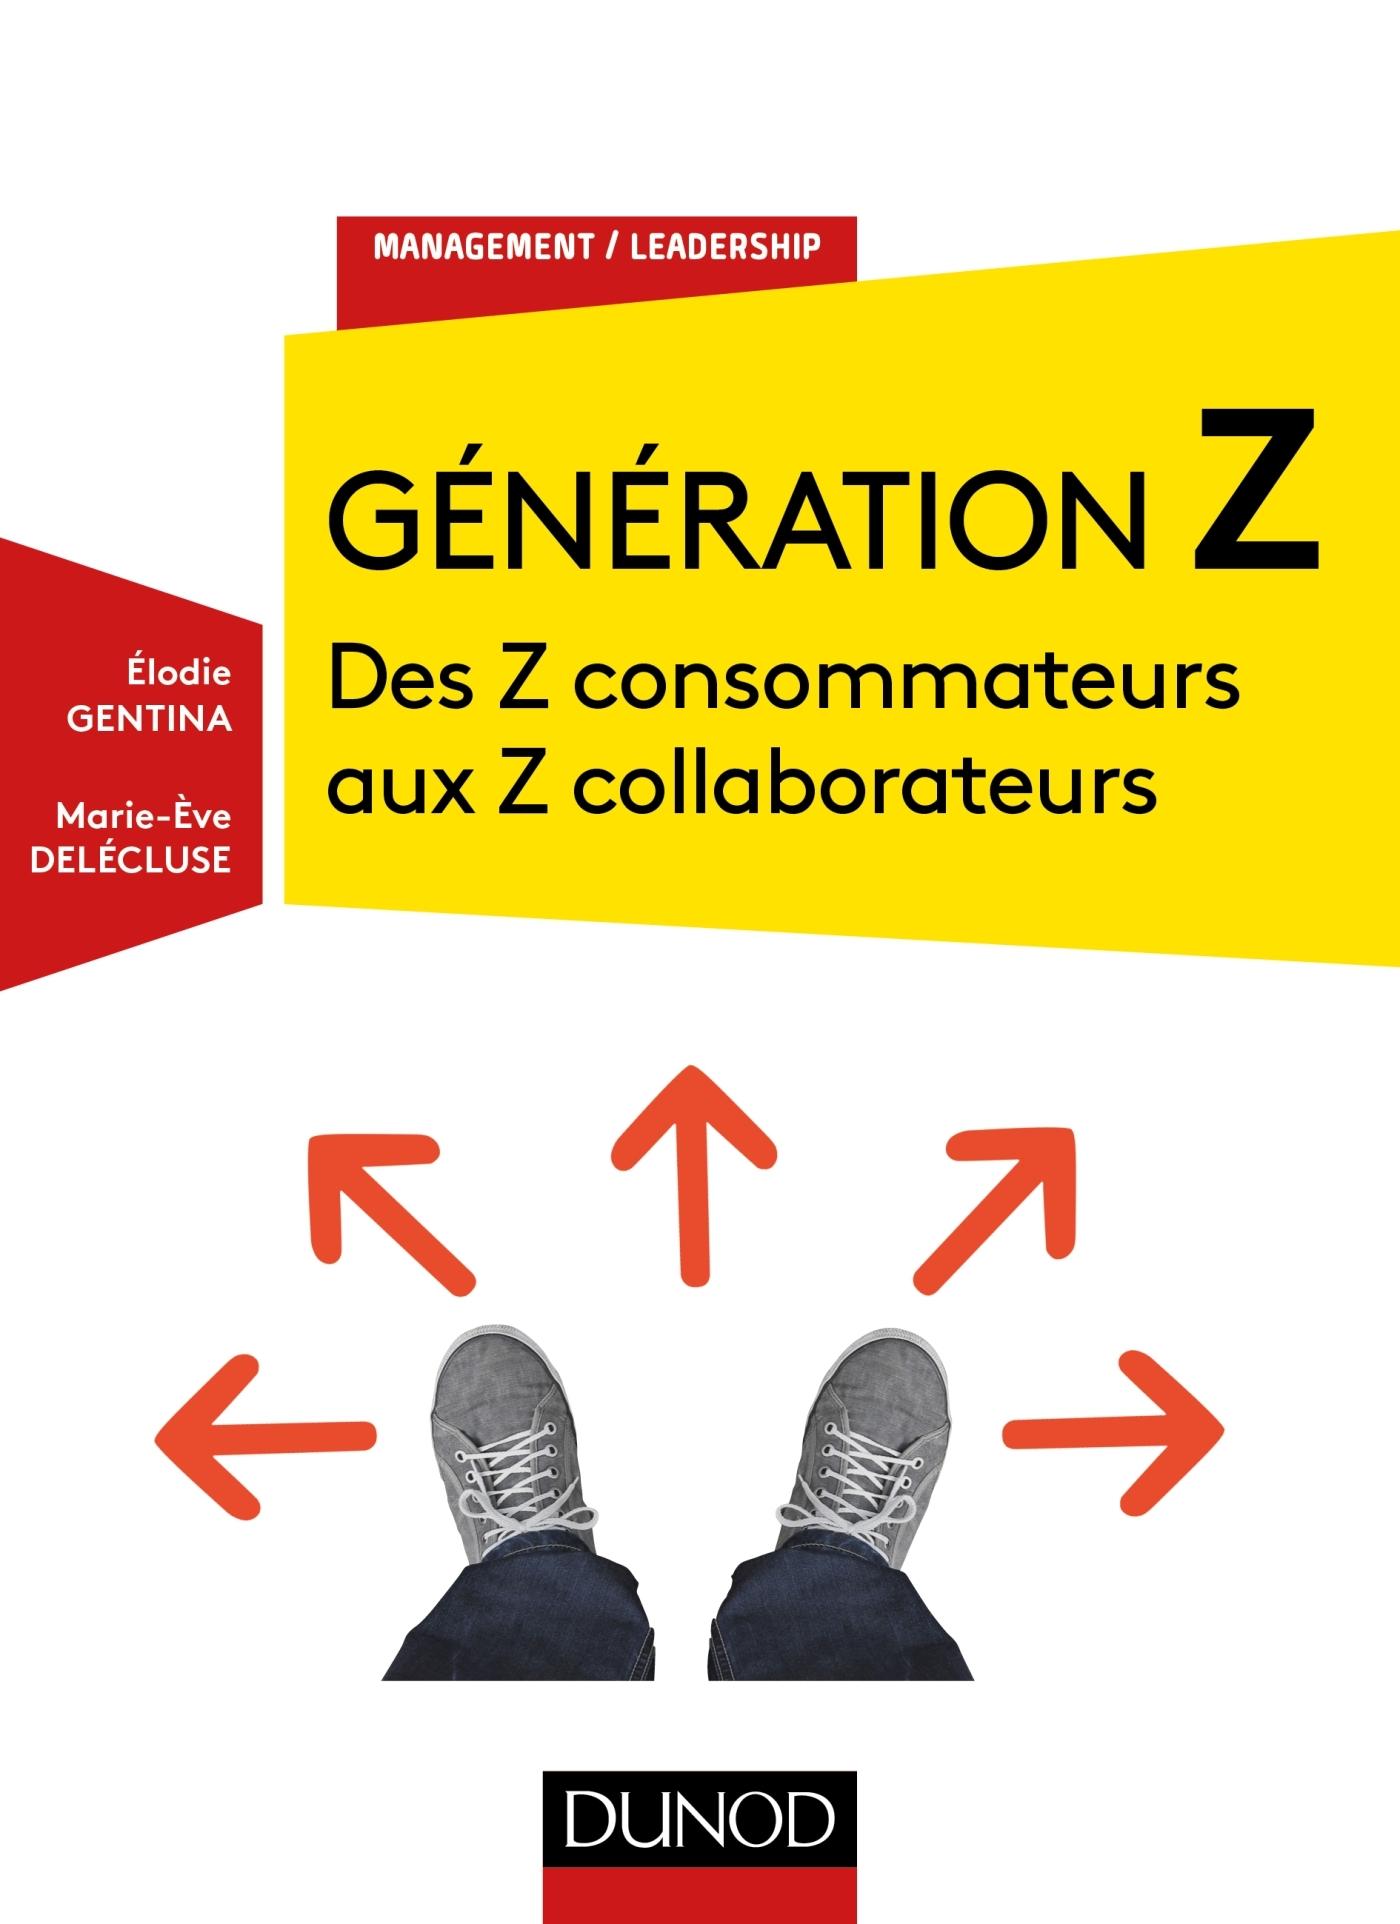 GENERATION Z - DES Z CONSOMMATEURS AUX Z COLLABORATEURS